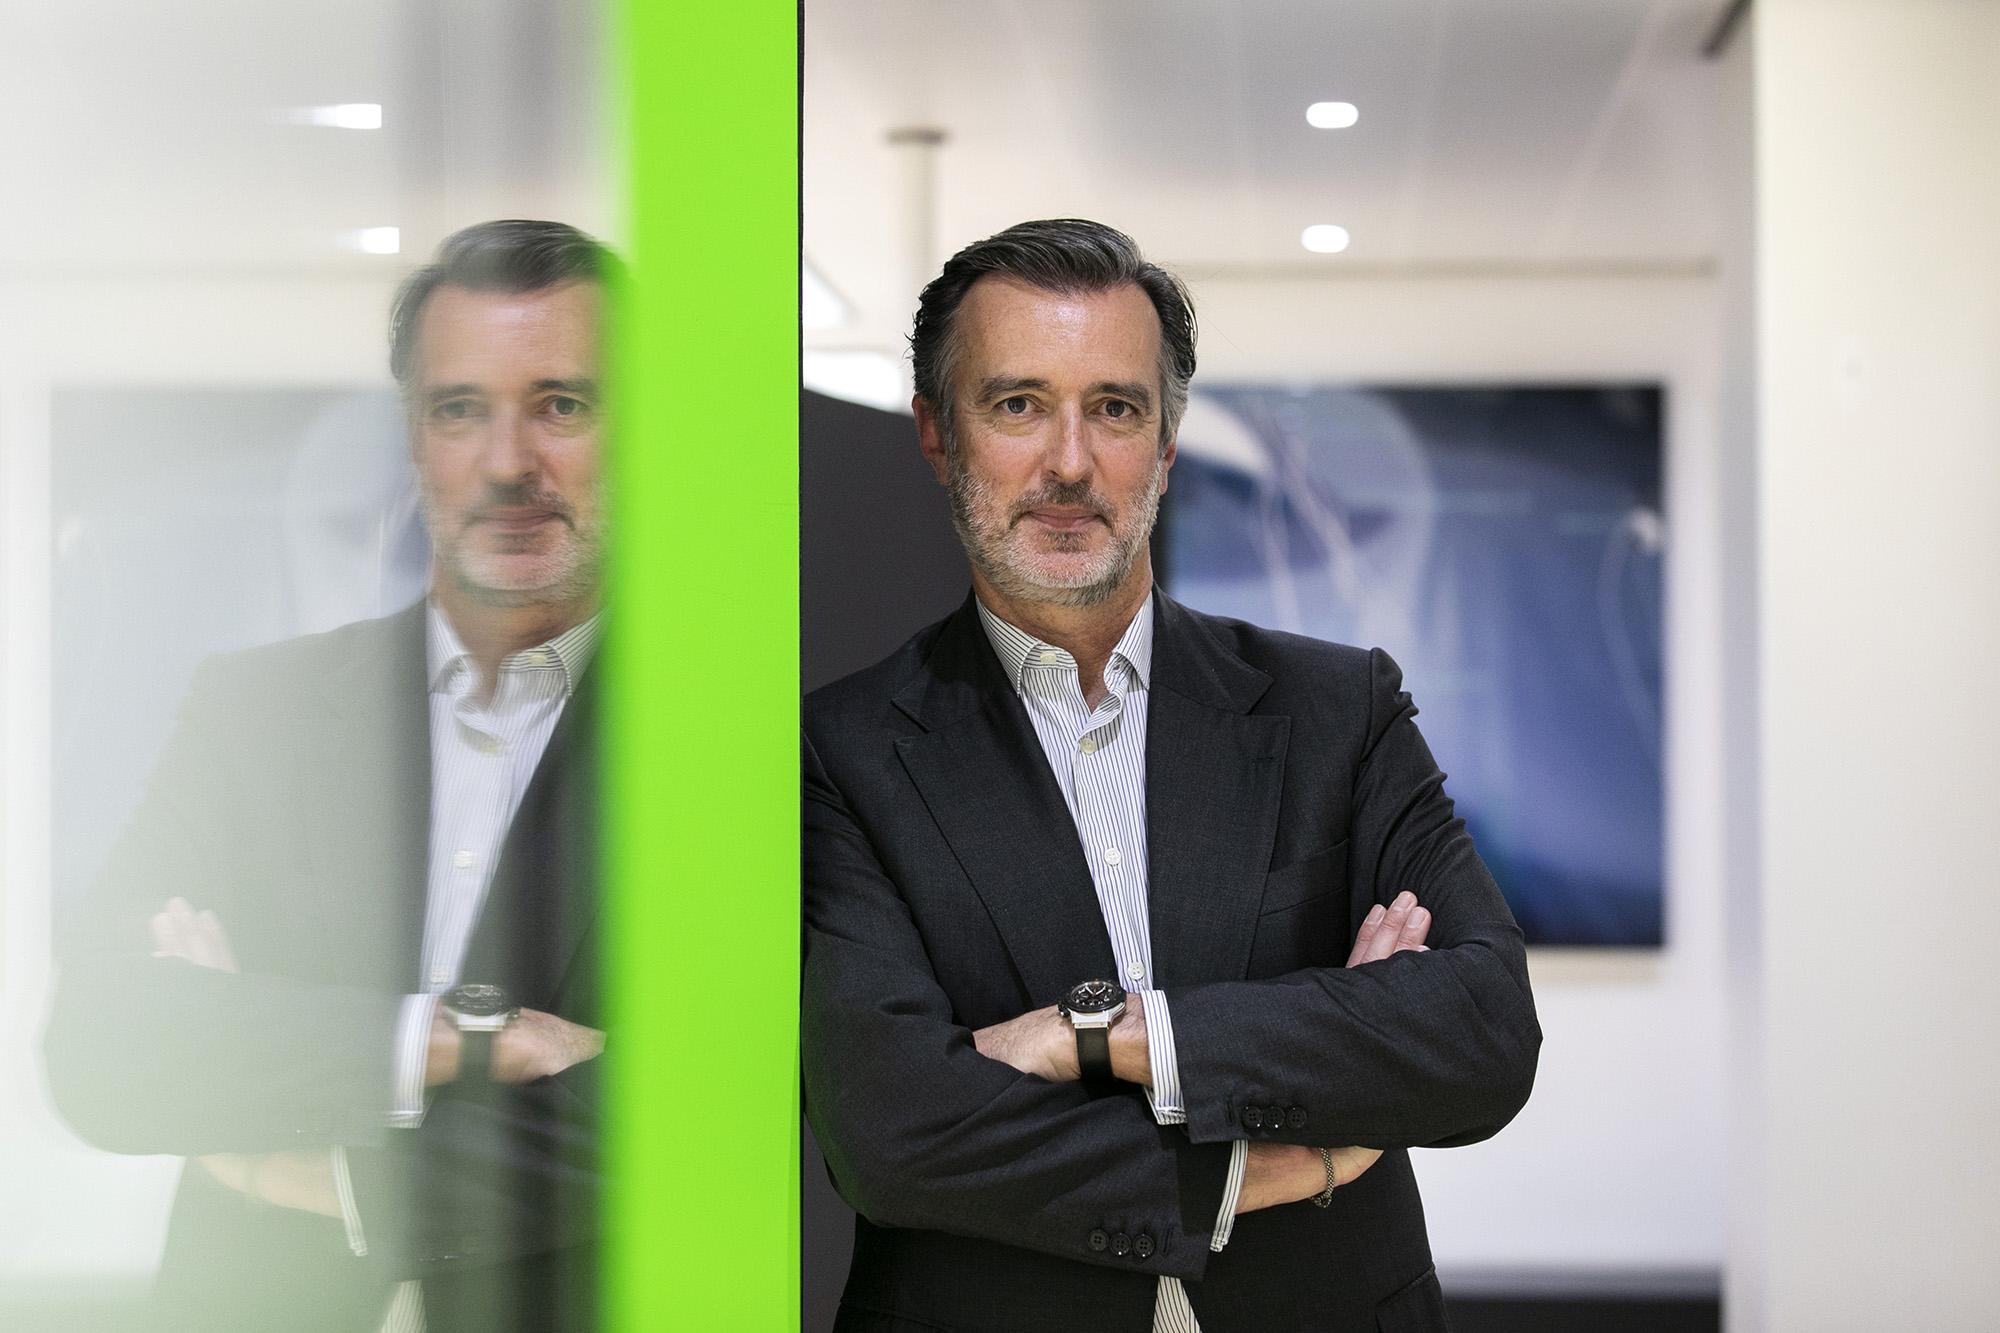 João Cotrim de Figueiredo, presidente da Iniciativa Liberal, em entrevista ao ECOP - 03MAR20